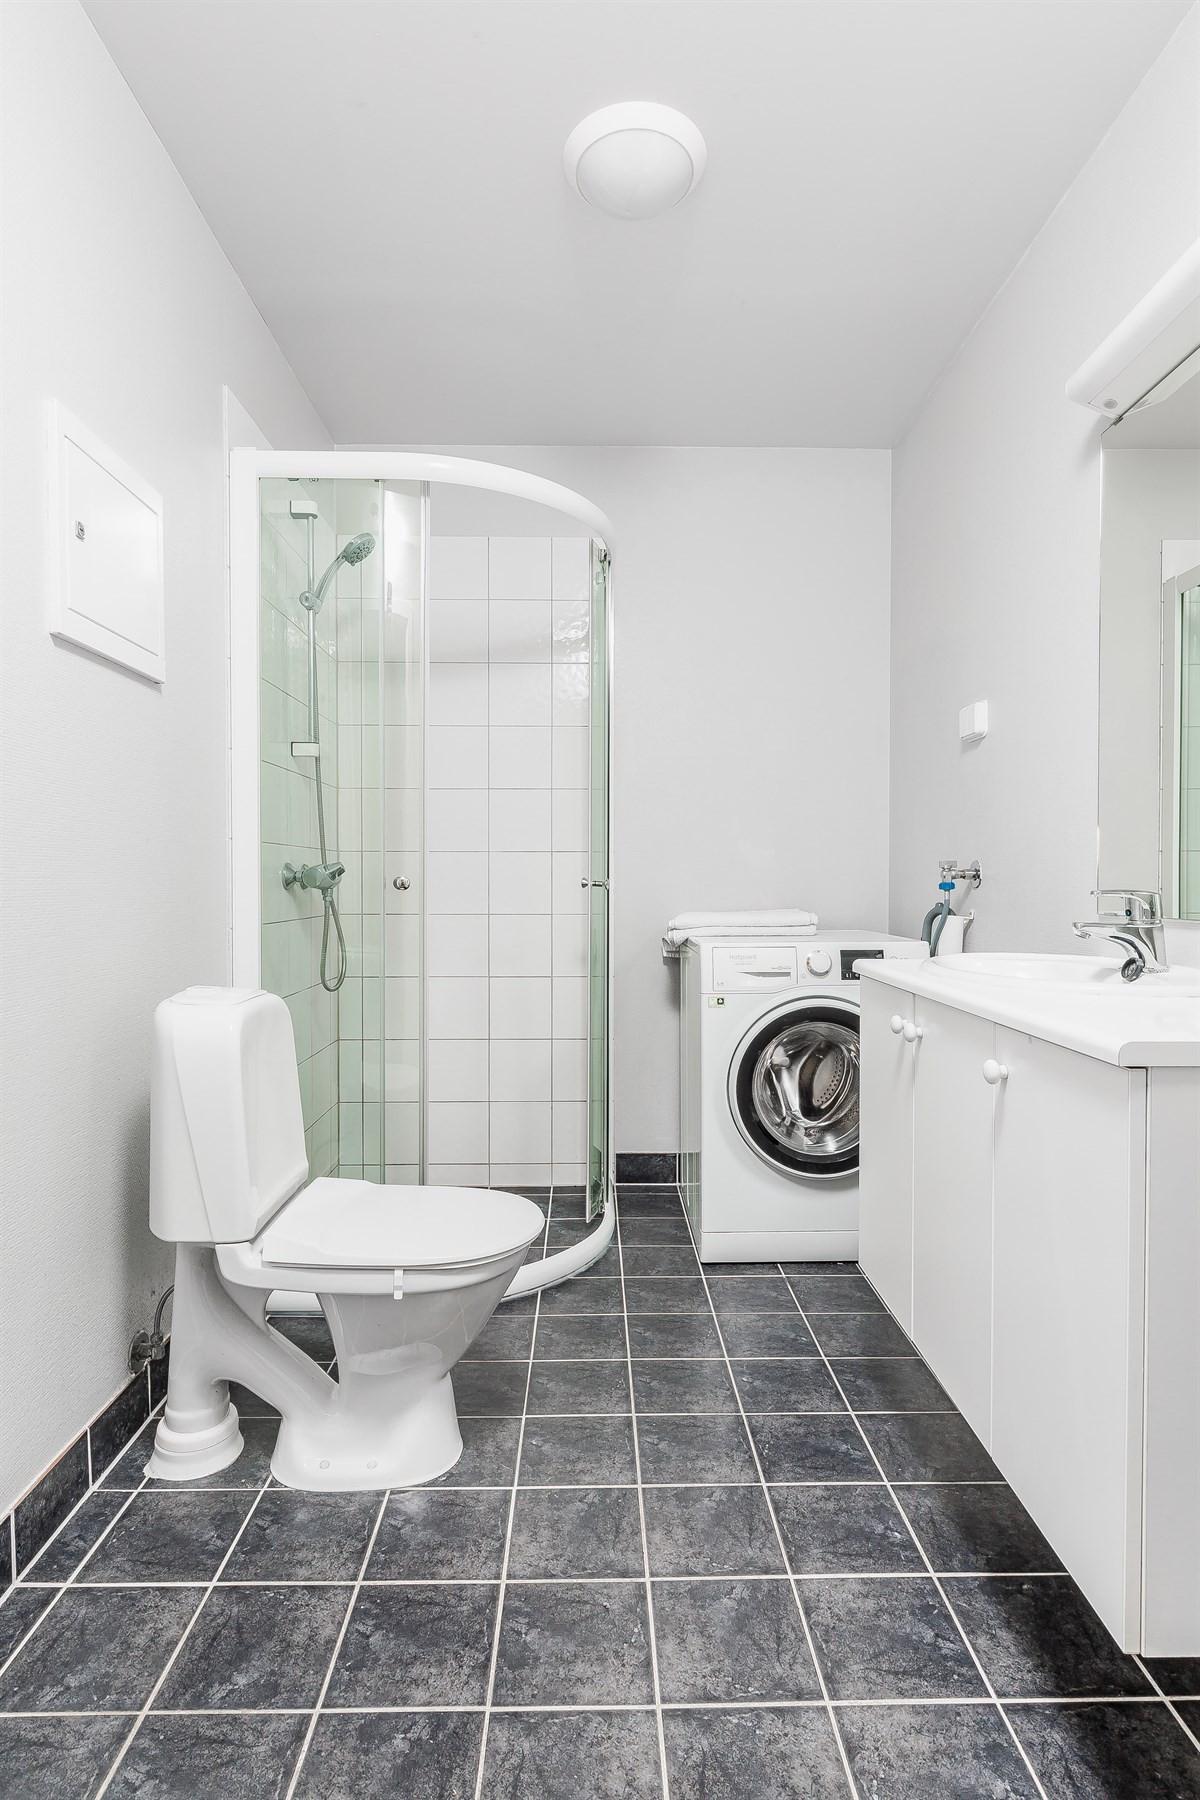 Flislagt baderom med gulvvarme, gulvstående klosett, dusjnisje og opplegg for vaskemaskin